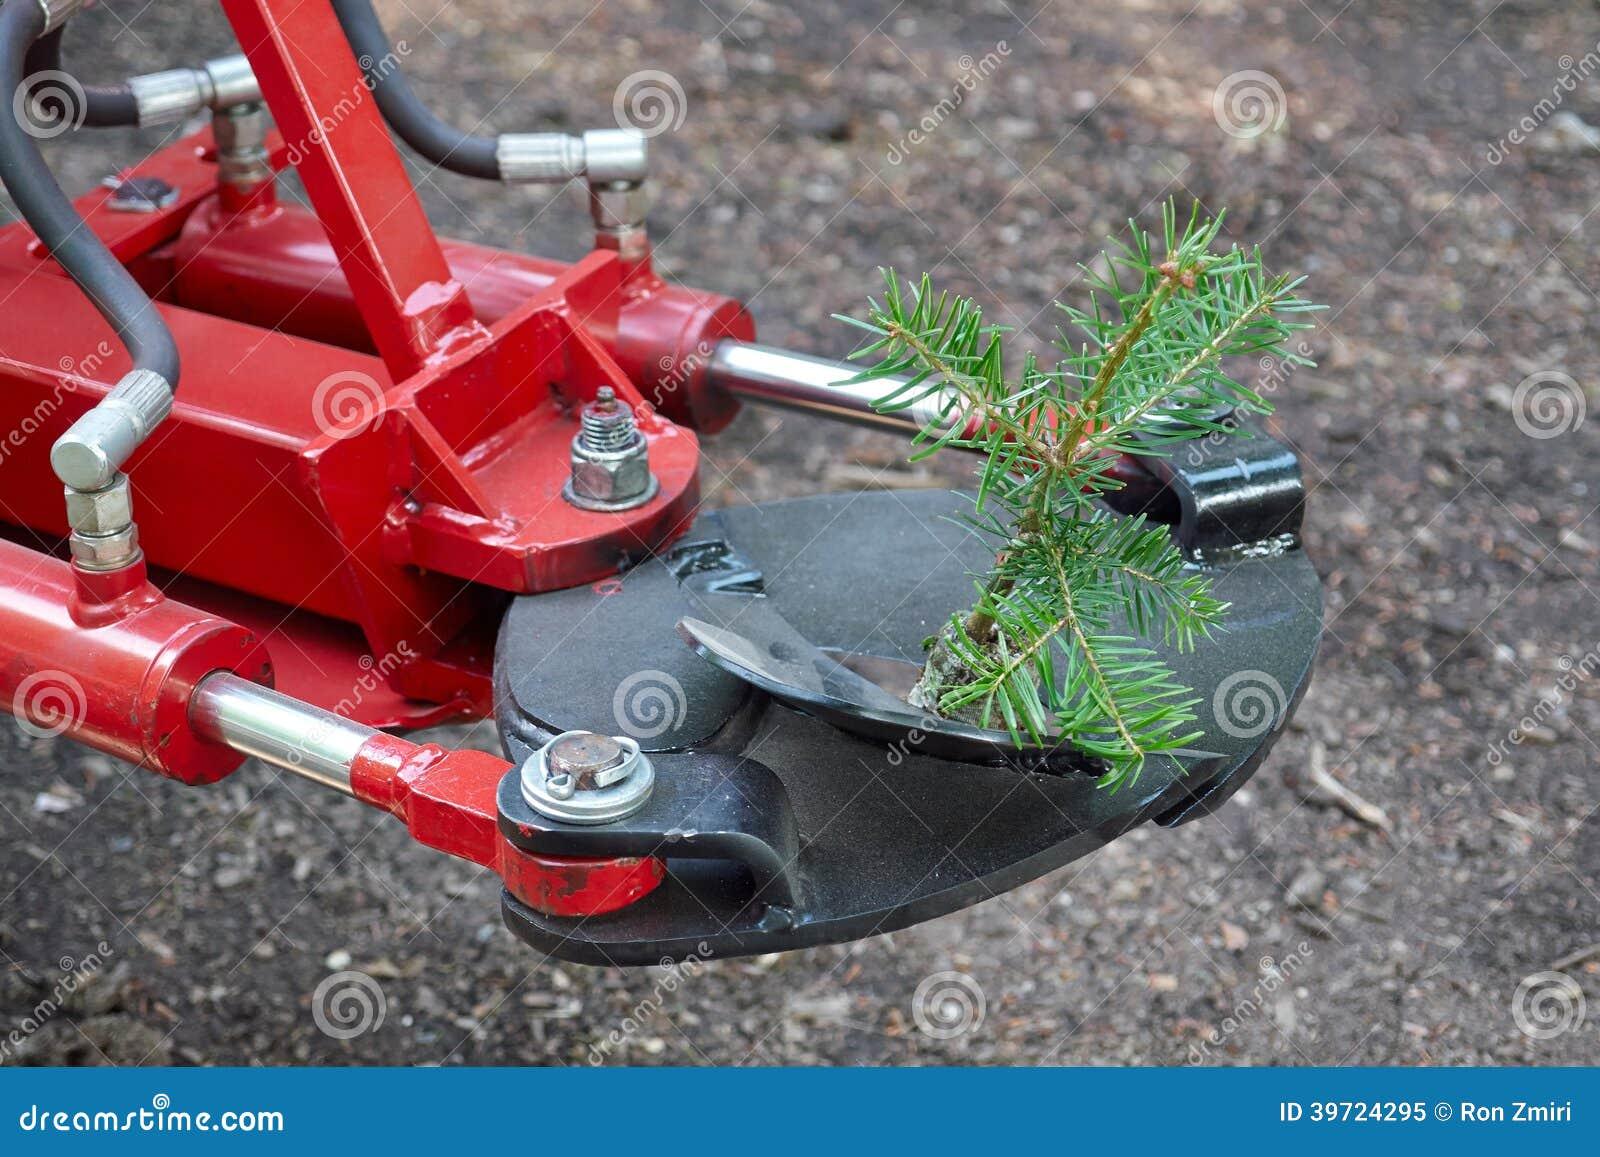 Machine de plantation d 39 arbres photo stock image 39724295 - Plantation d arbres synonyme ...